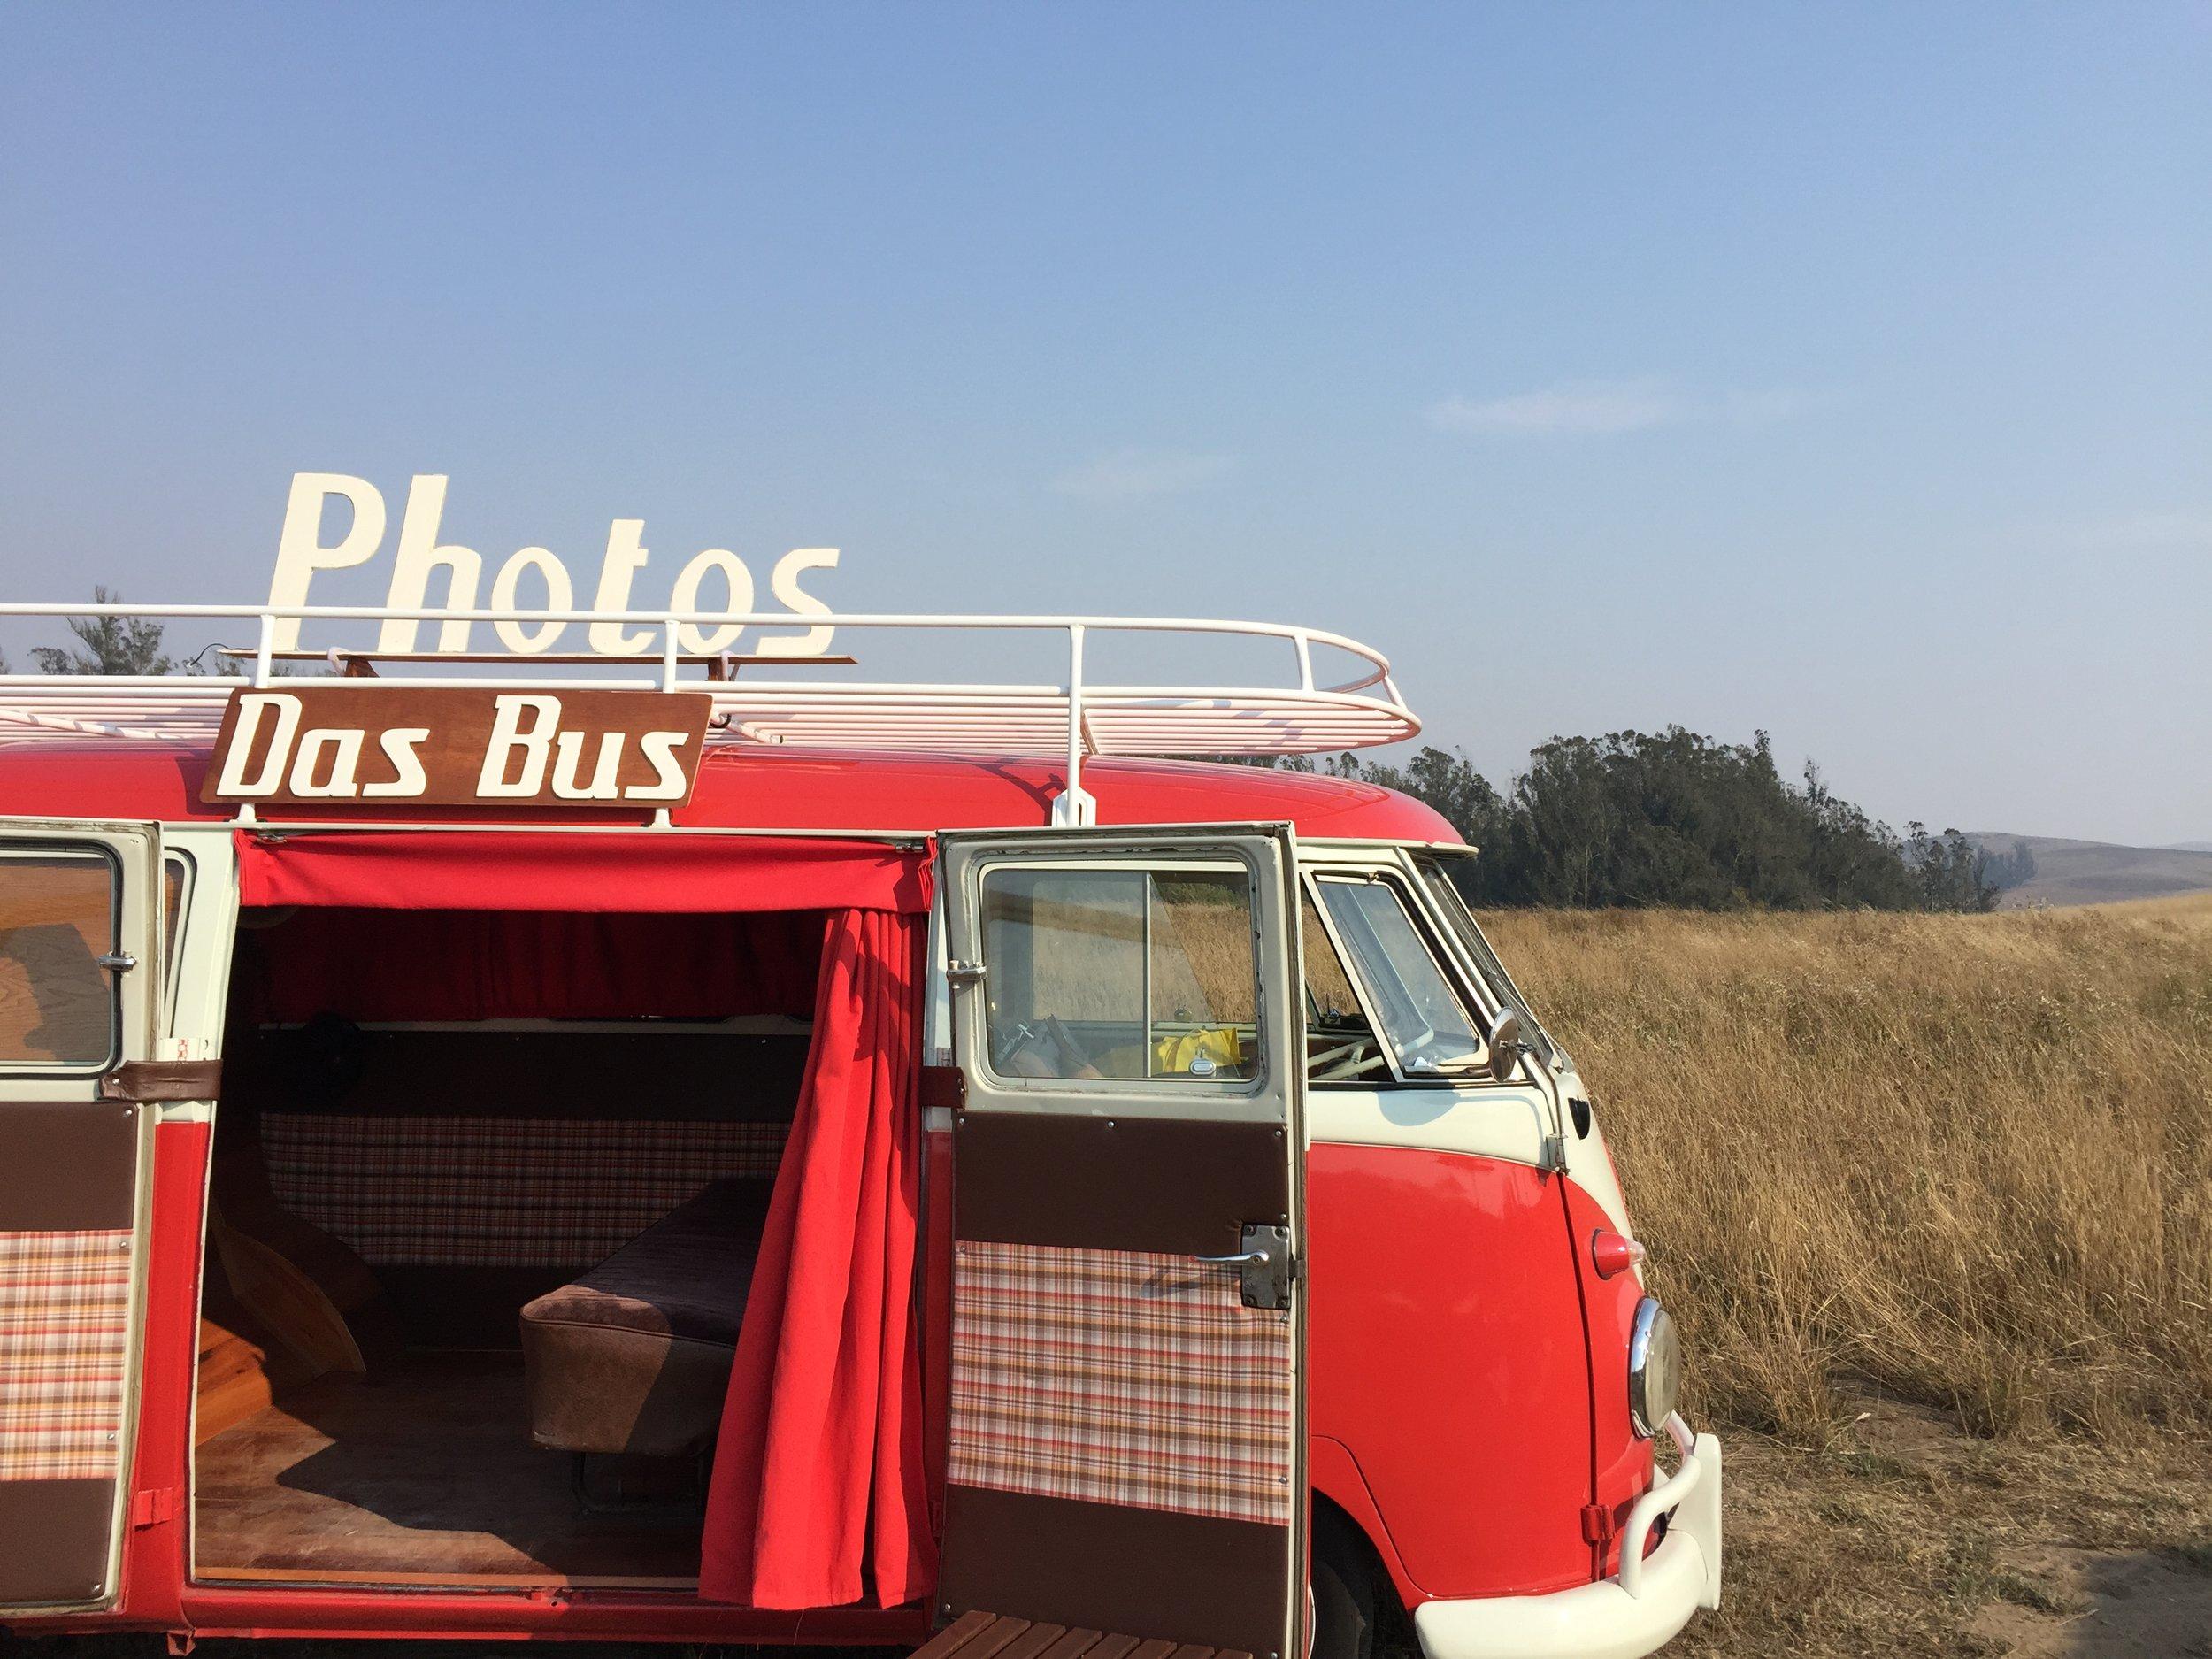 Photo by Das Bus team.